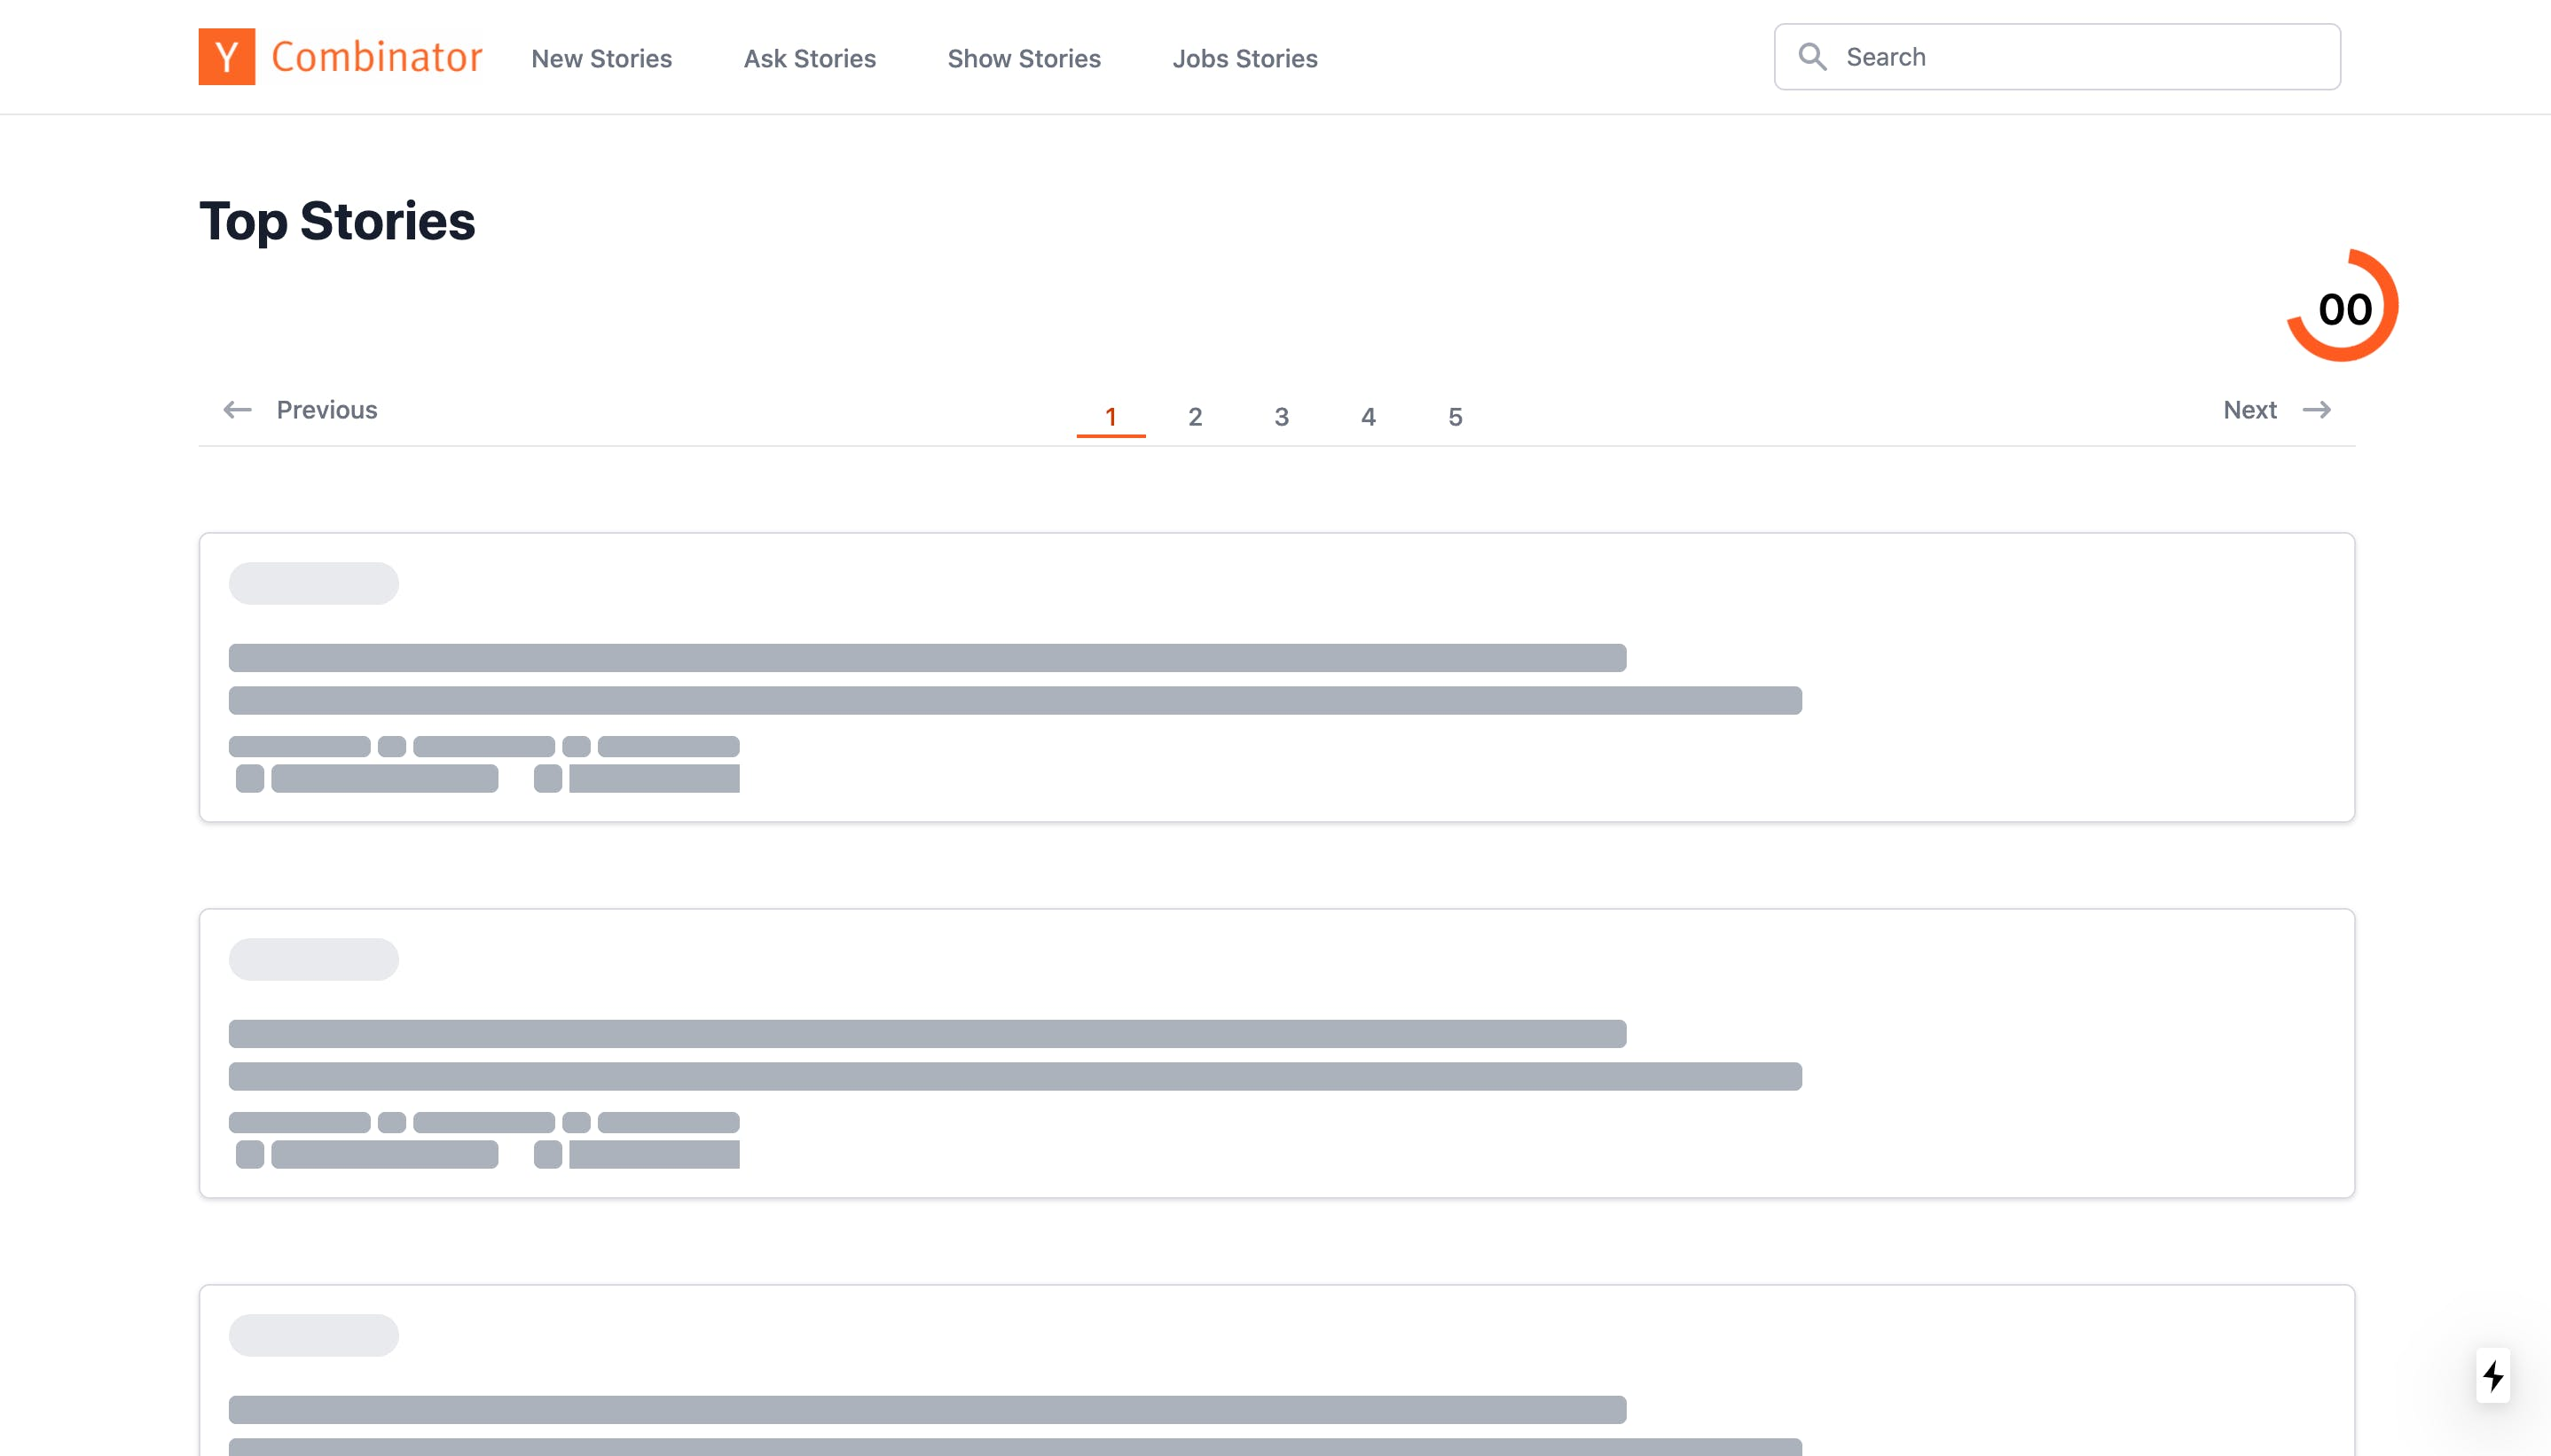 Screenshot 2020-10-07 at 12.50.58 AM.png